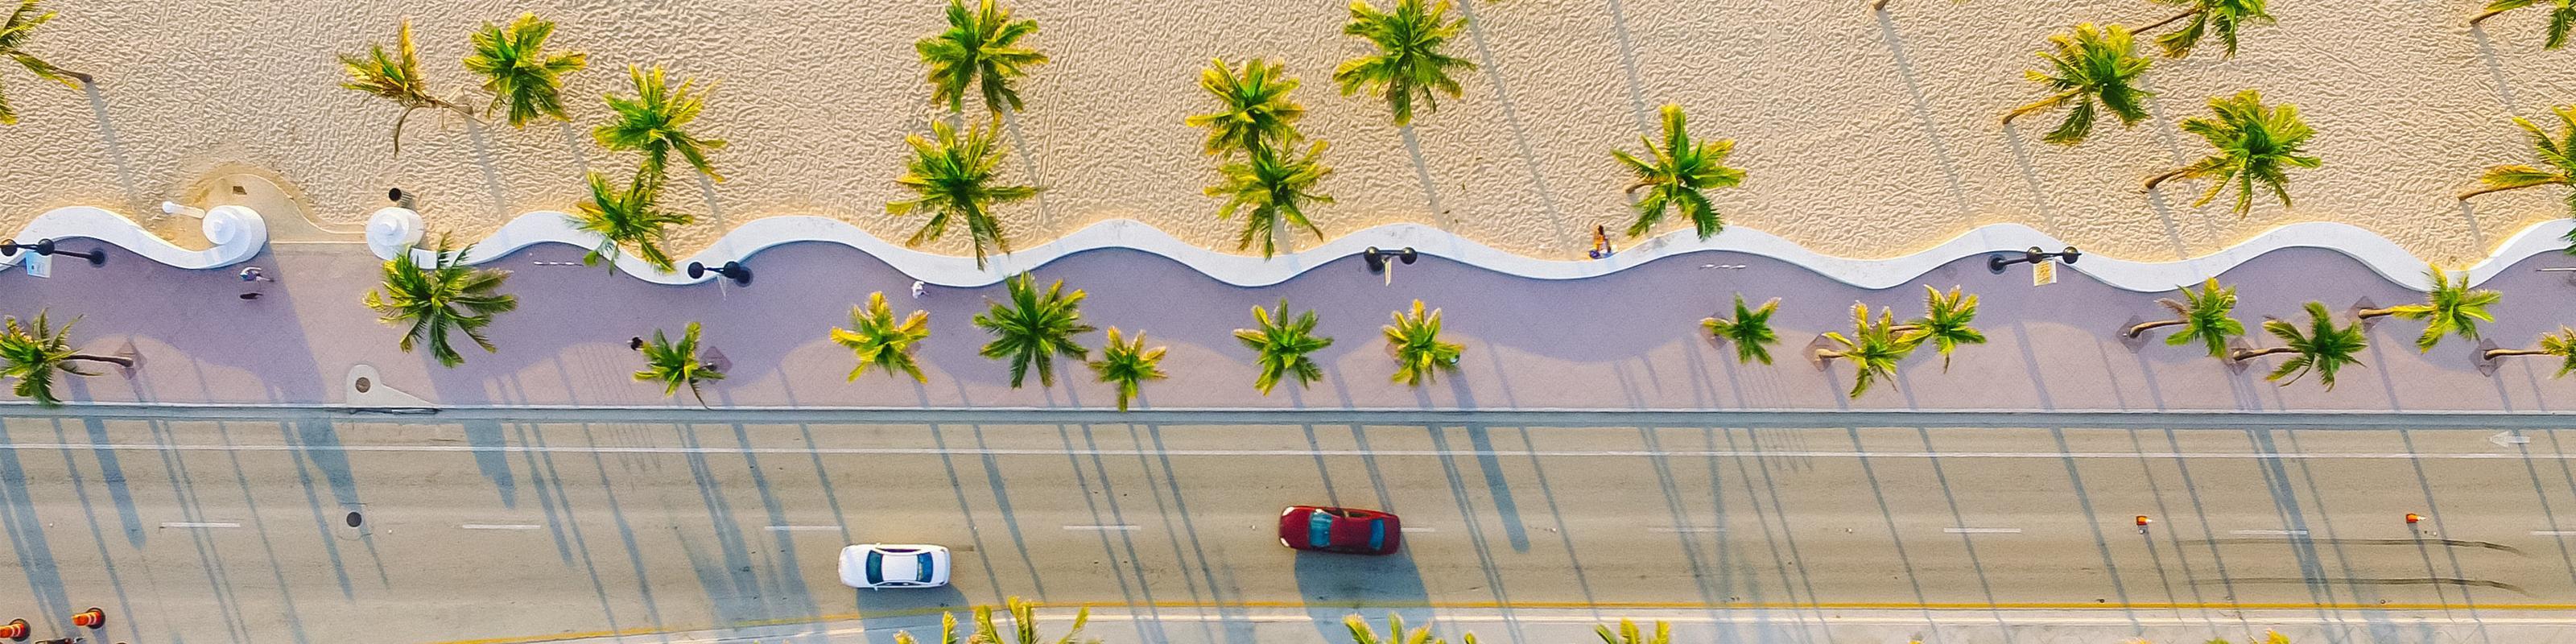 Overhead Miami beach views